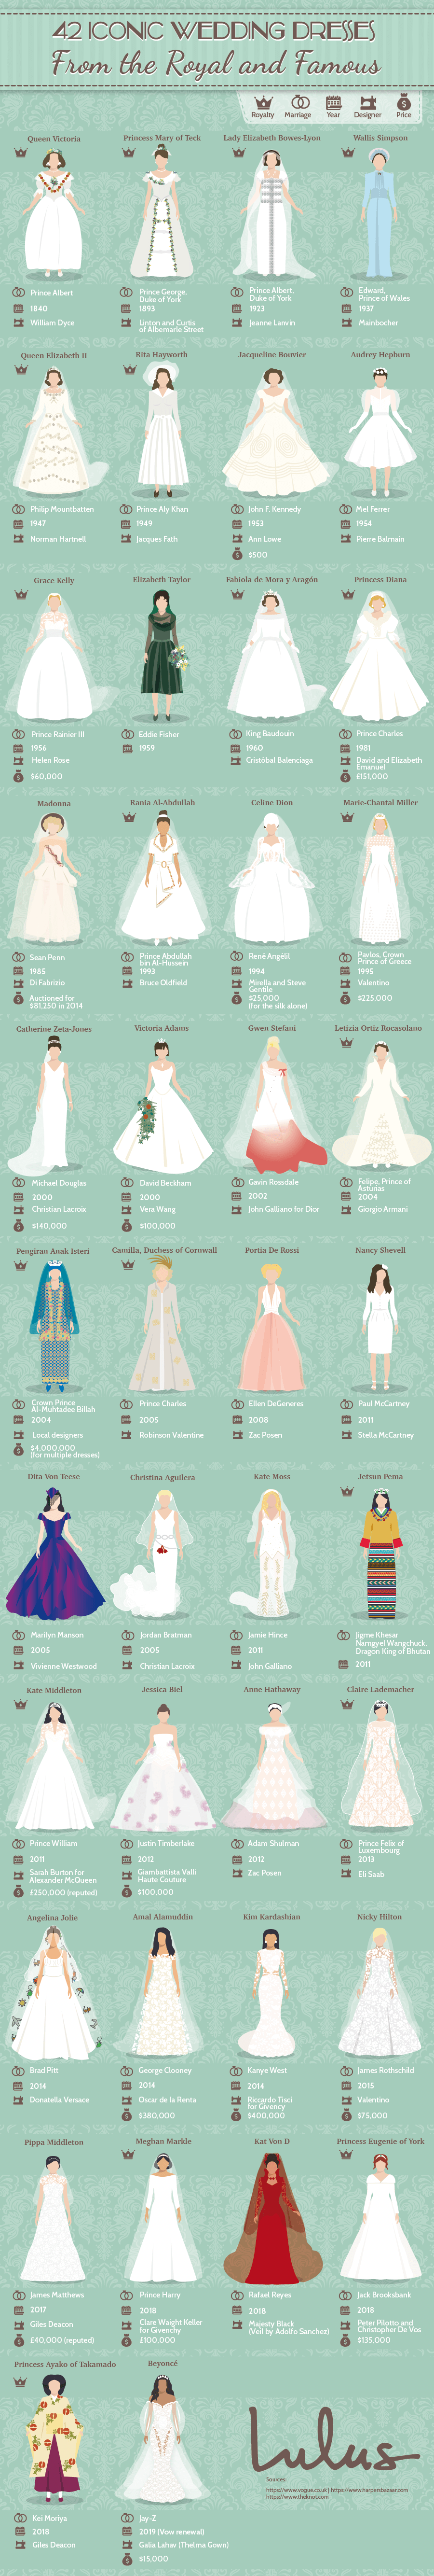 42 Iconic Wedding Dresses Royal Famous